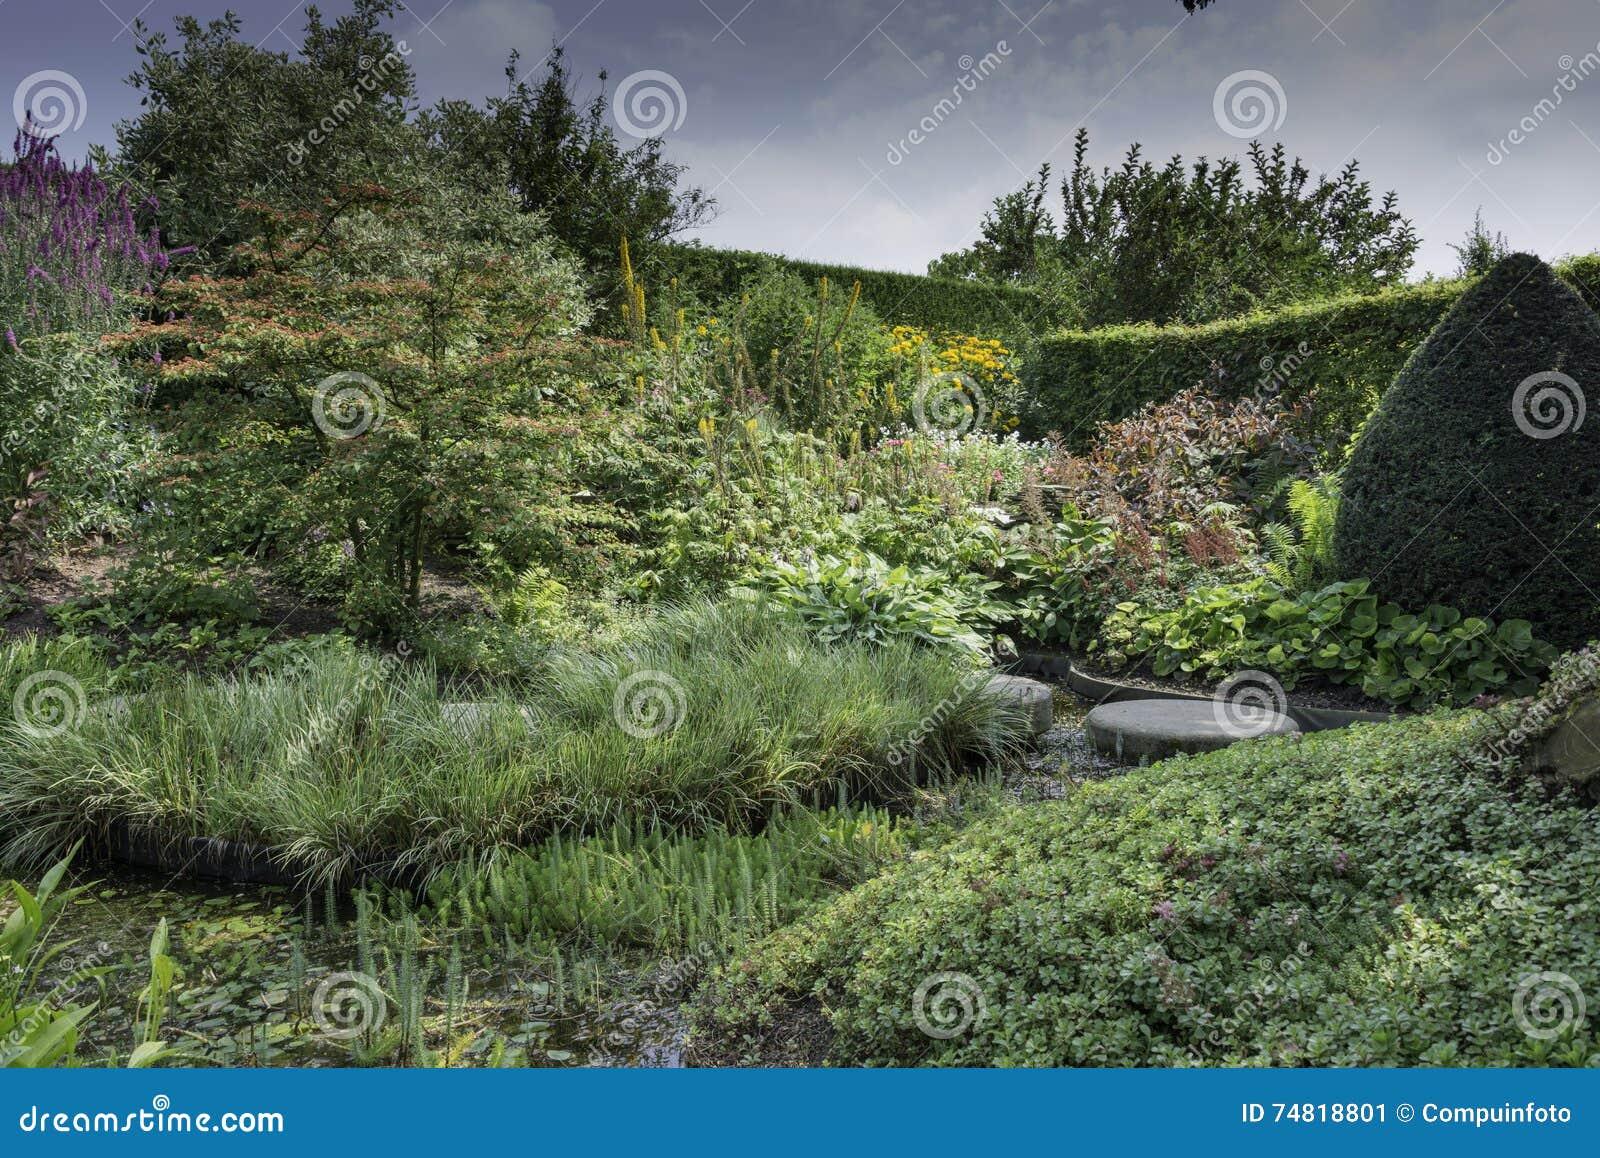 Uitzonderlijk Engelse Tuin Met Wilde Bloemen Stock Afbeelding - Afbeelding #KN39